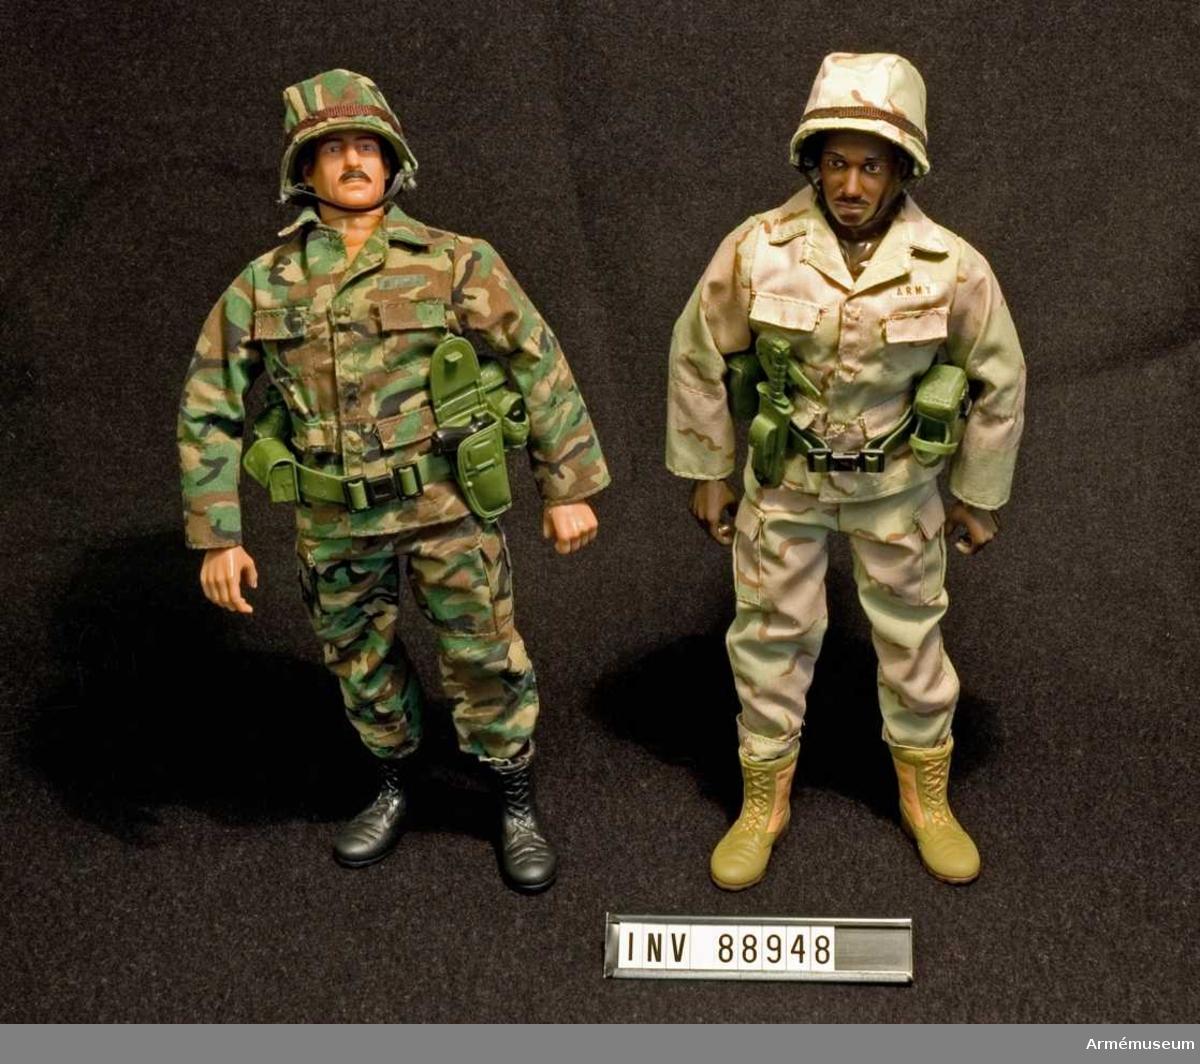 """Två stycken dockor med tillbehör.  Docka 1: Komplett uniform i skogskamouflage, med tillhörande kängor och hjälm. På uniformen finns ordet """"ARMY"""" tryckt. Kring midjan ett bälte med två väskor, automatpistol i hölster och vattenflaska.  Docka 2: Komplett uniform i ökenkamouflage, med tillhörande kängor och hjälm. På uniformen finns ordet """"ARMY"""" tryckt. Kring midjan bälte med två väskor, kniv i slida och vattenflaska."""